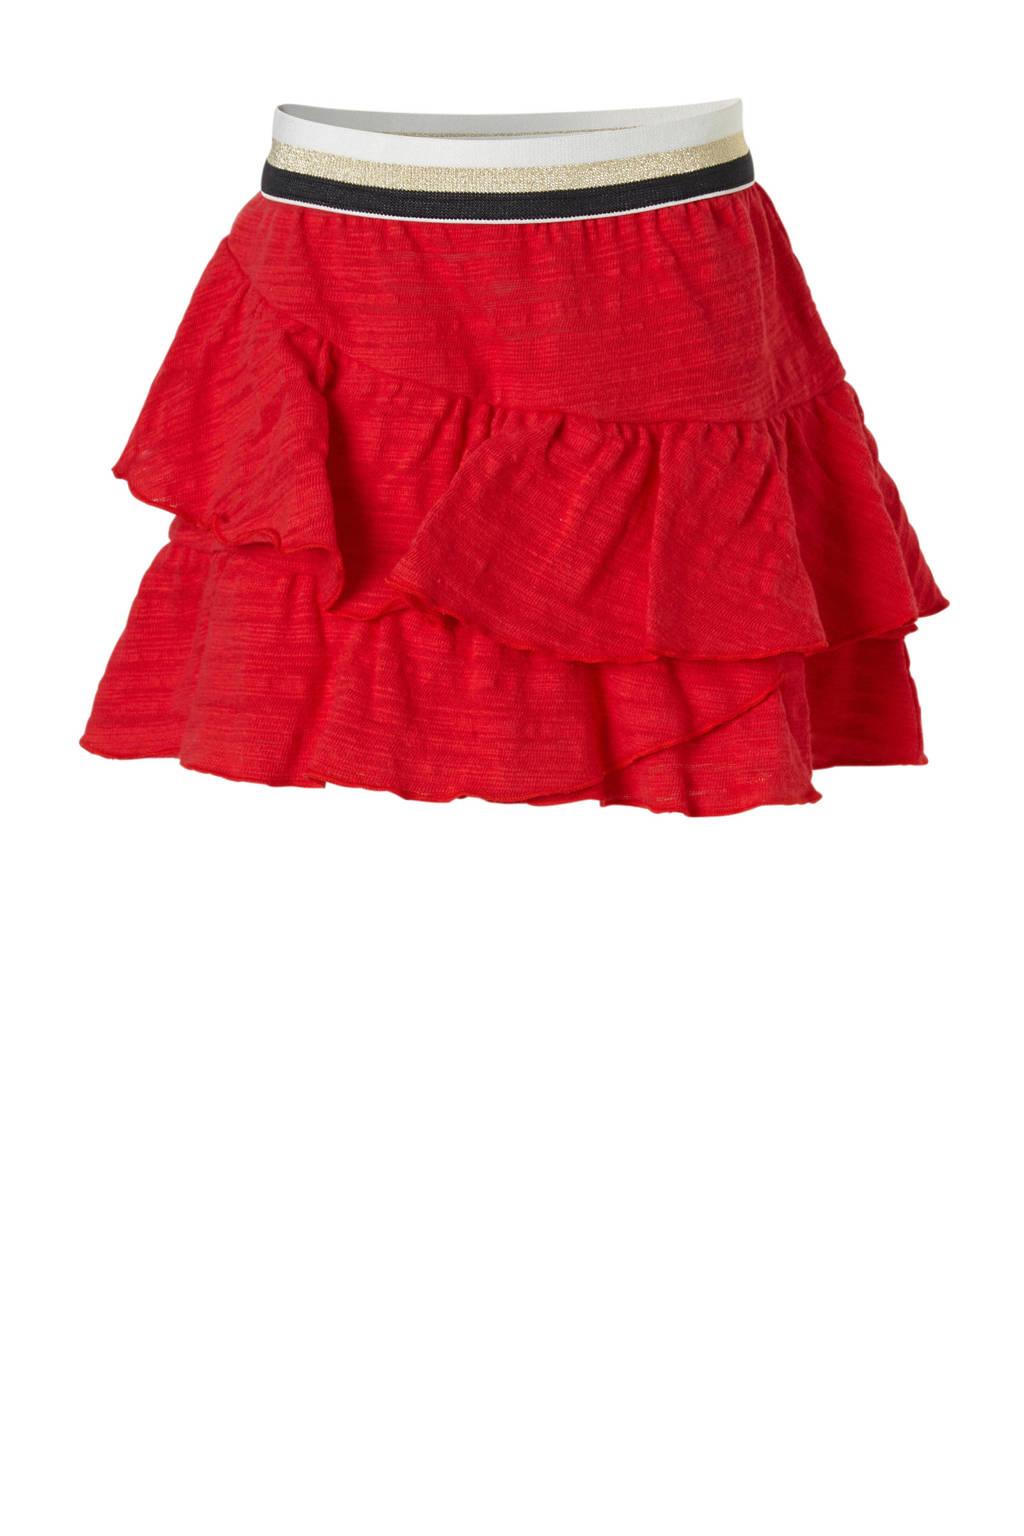 name it MINI rok rood, Rood